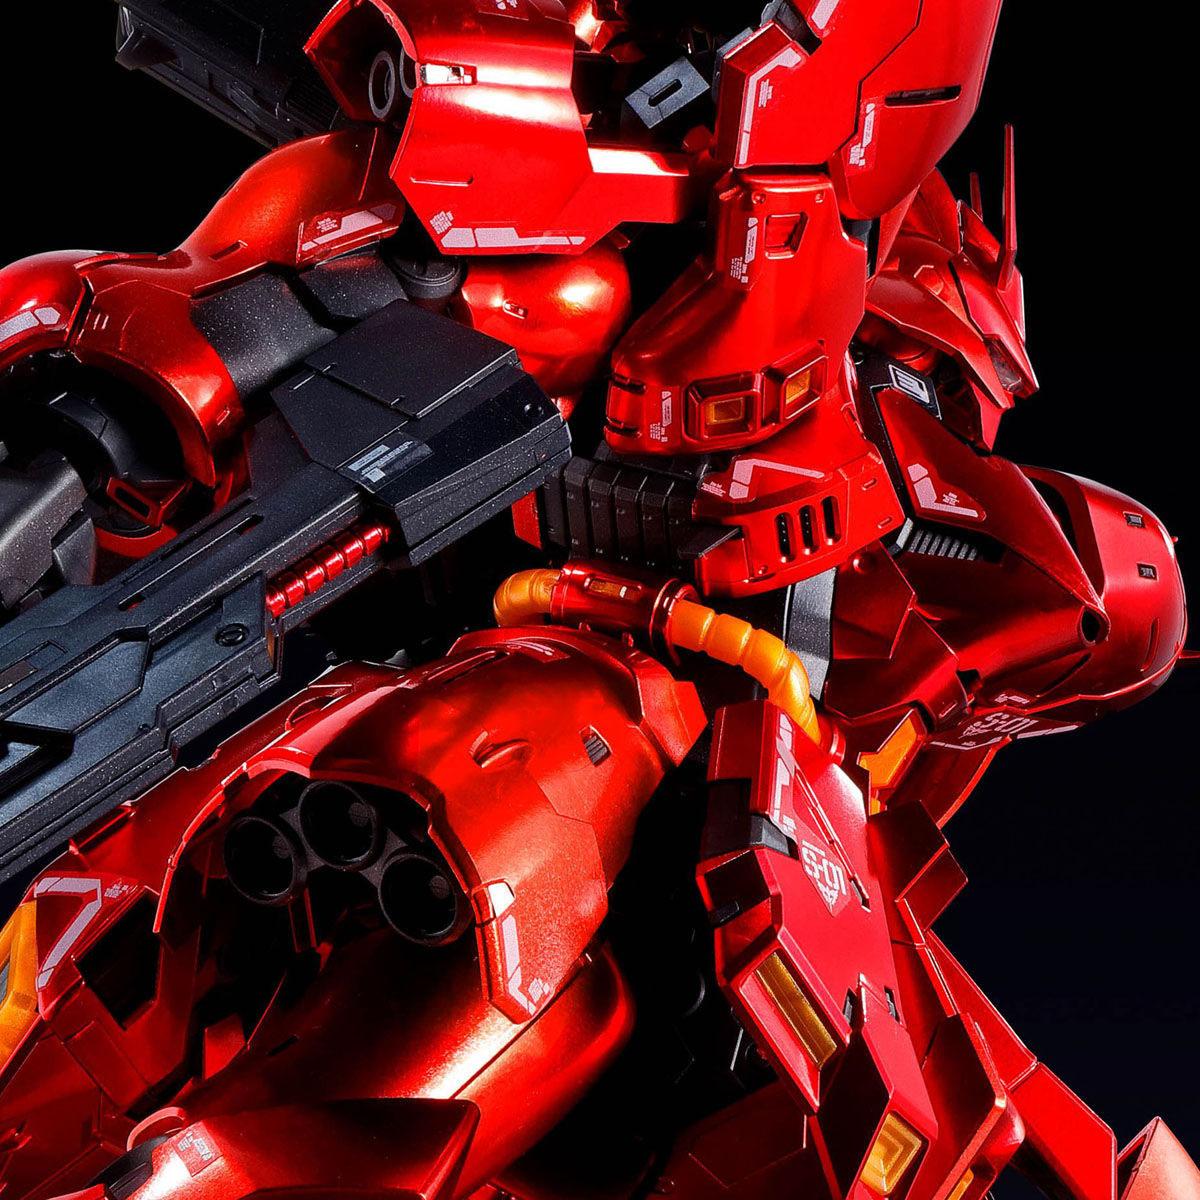 RG 1/144『サザビー[スペシャルコーティング]』機動戦士ガンダム 逆襲のシャア プラモデル-001